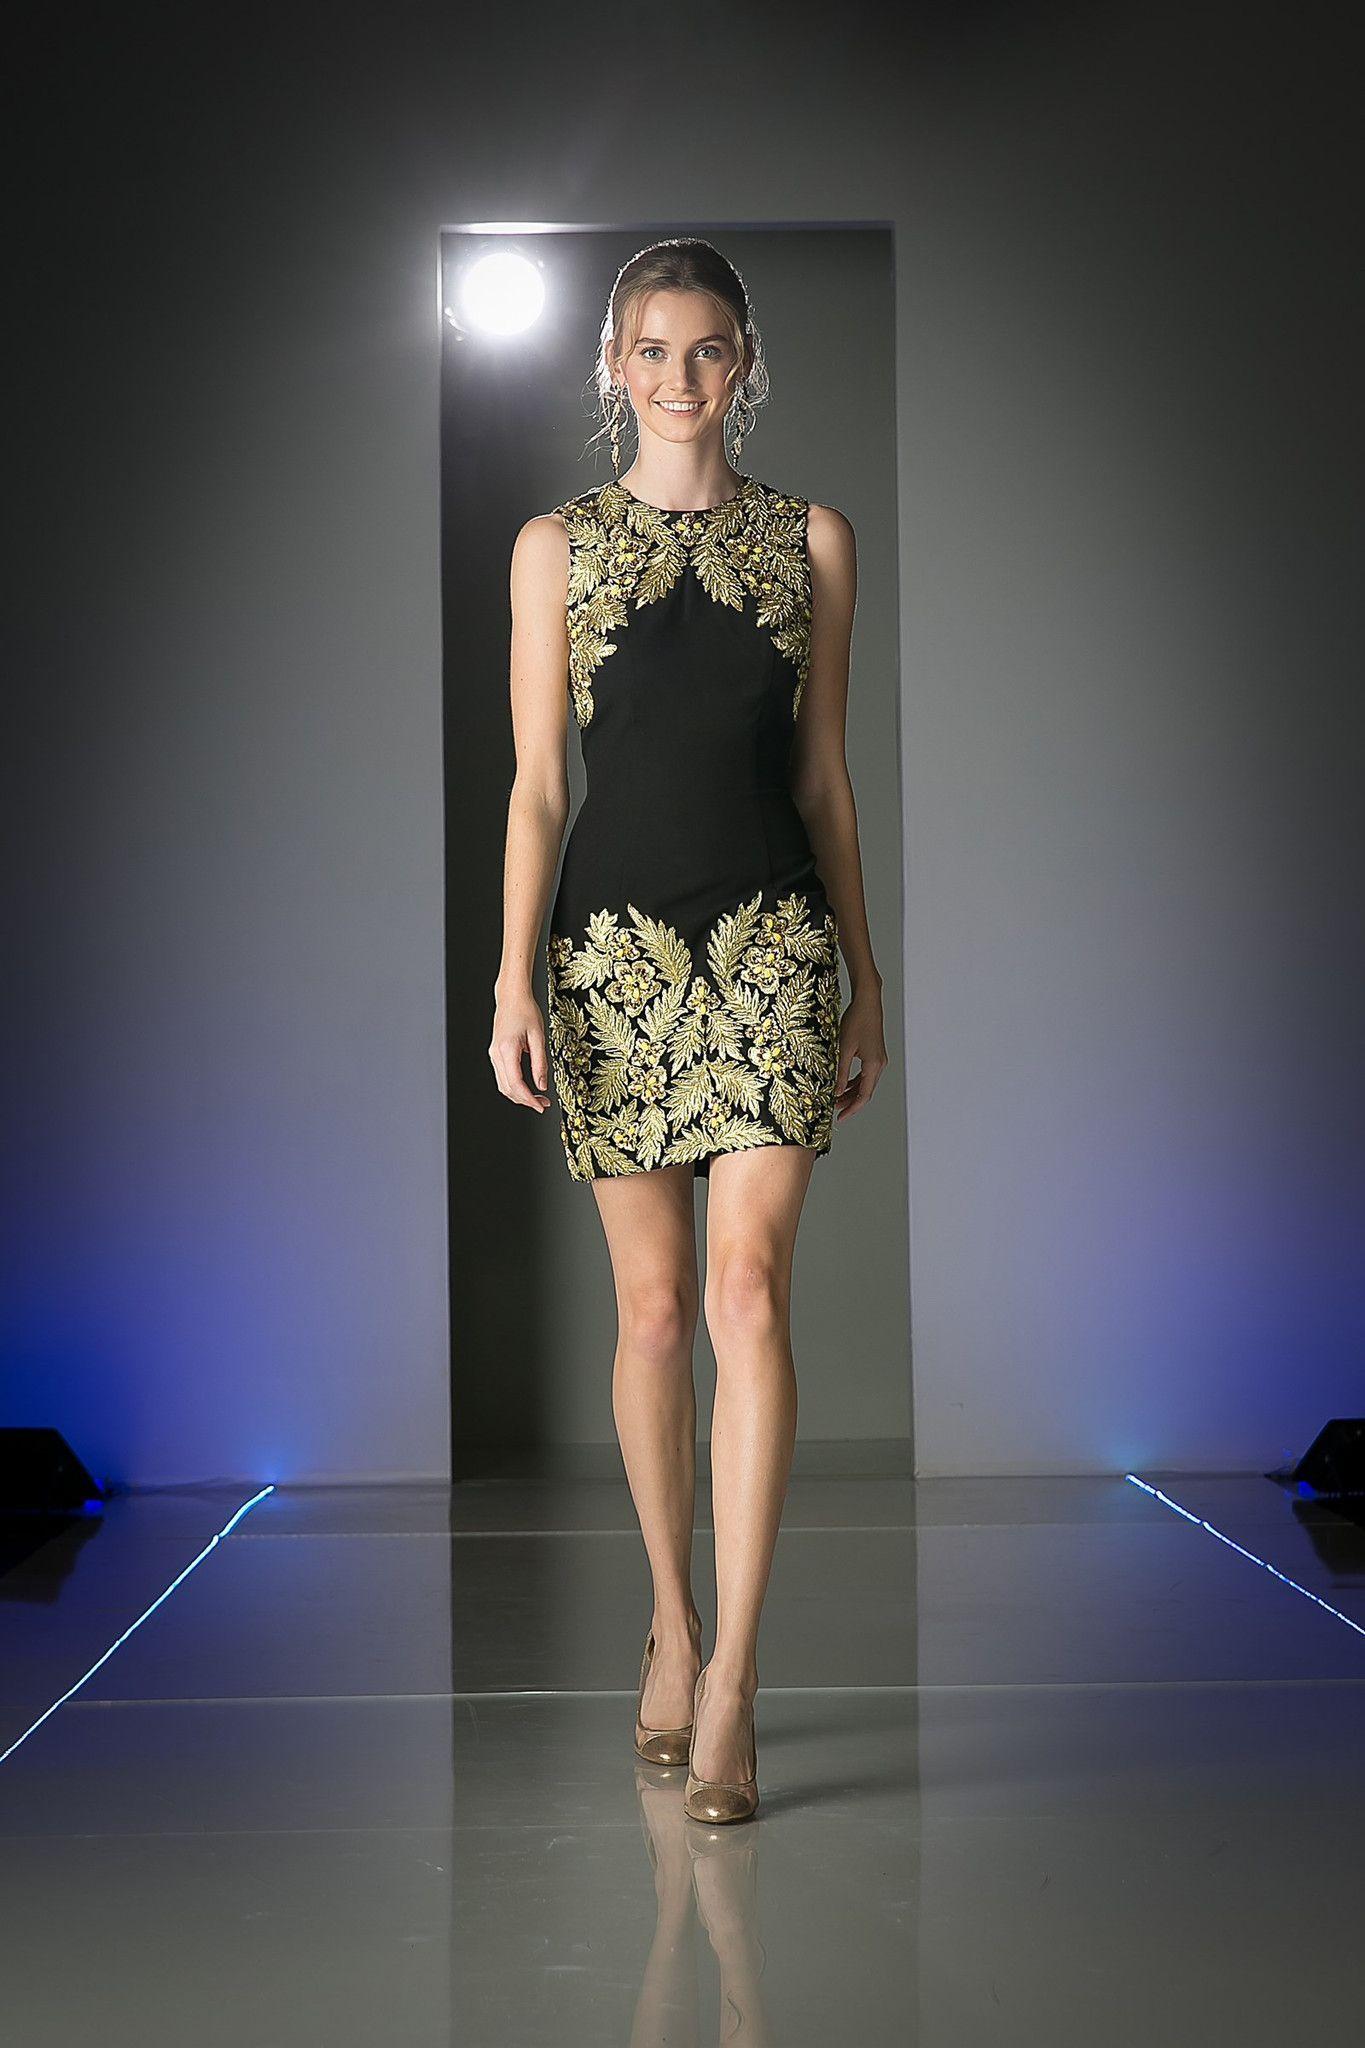 Ziemlich Designer Black Cocktail Dresses Galerie - Hochzeit Kleid ...